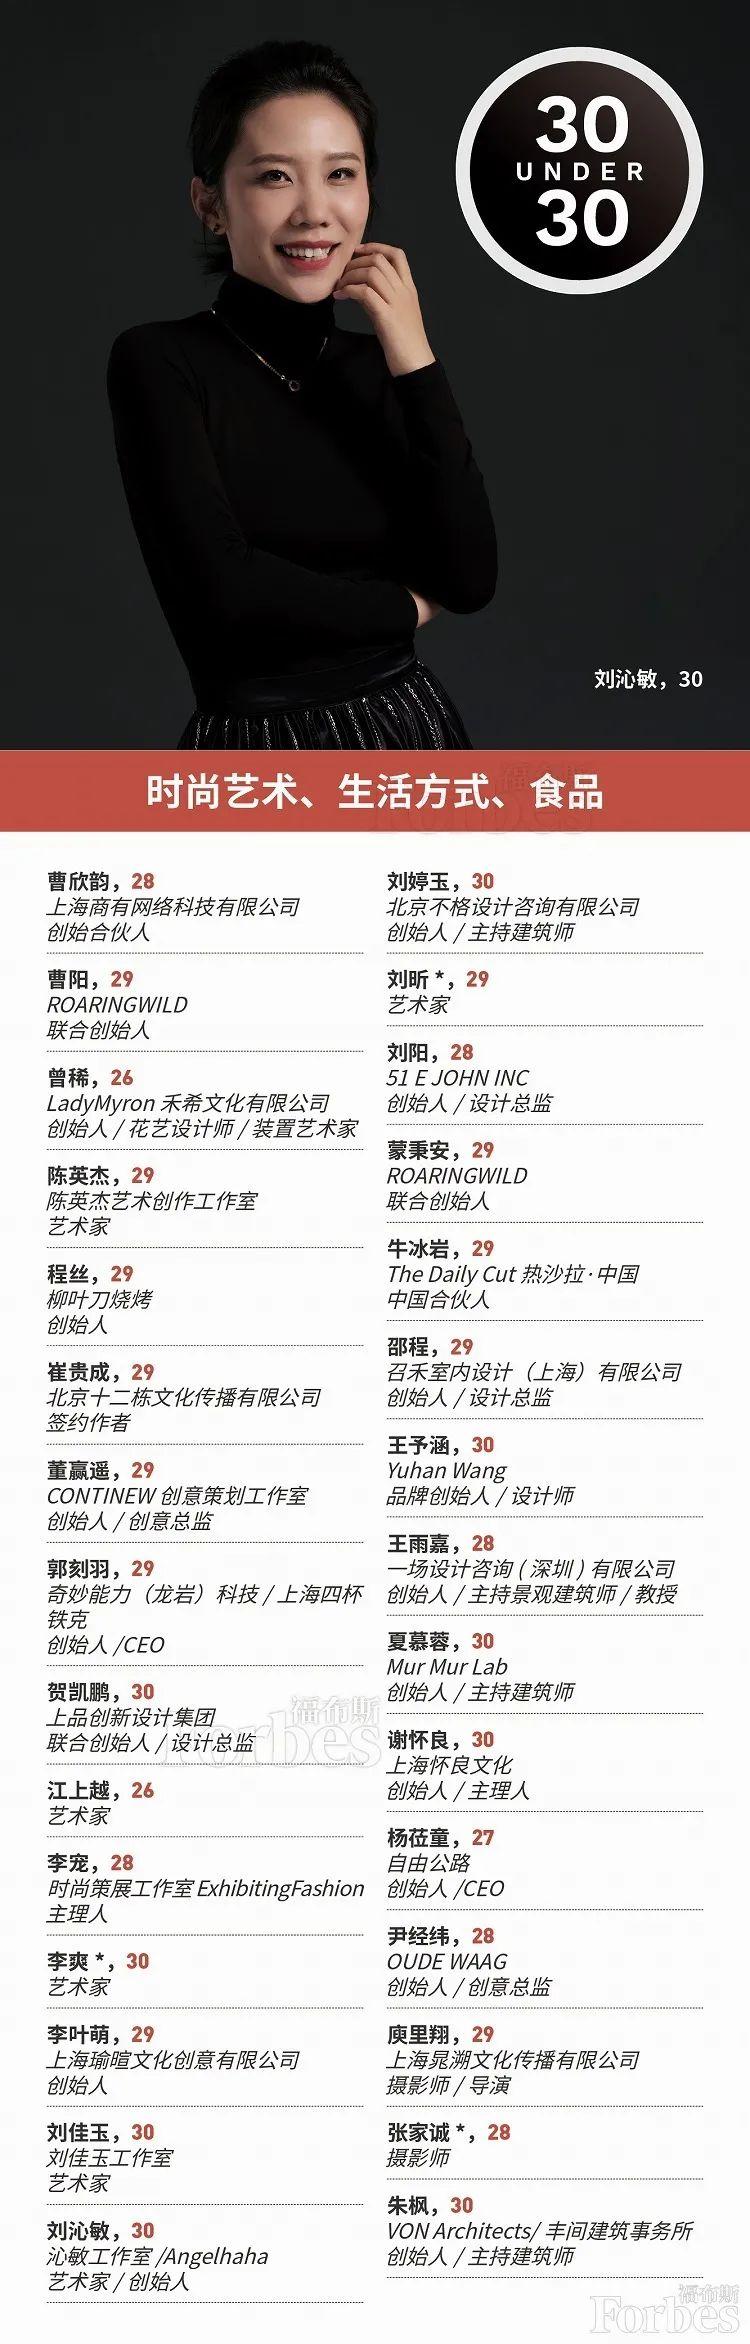 30岁以下精英榜 深国交2011届毕业生|邵程 福布斯中国2020年度上榜  深国交 深圳国际交流学院 学在国交 第4张